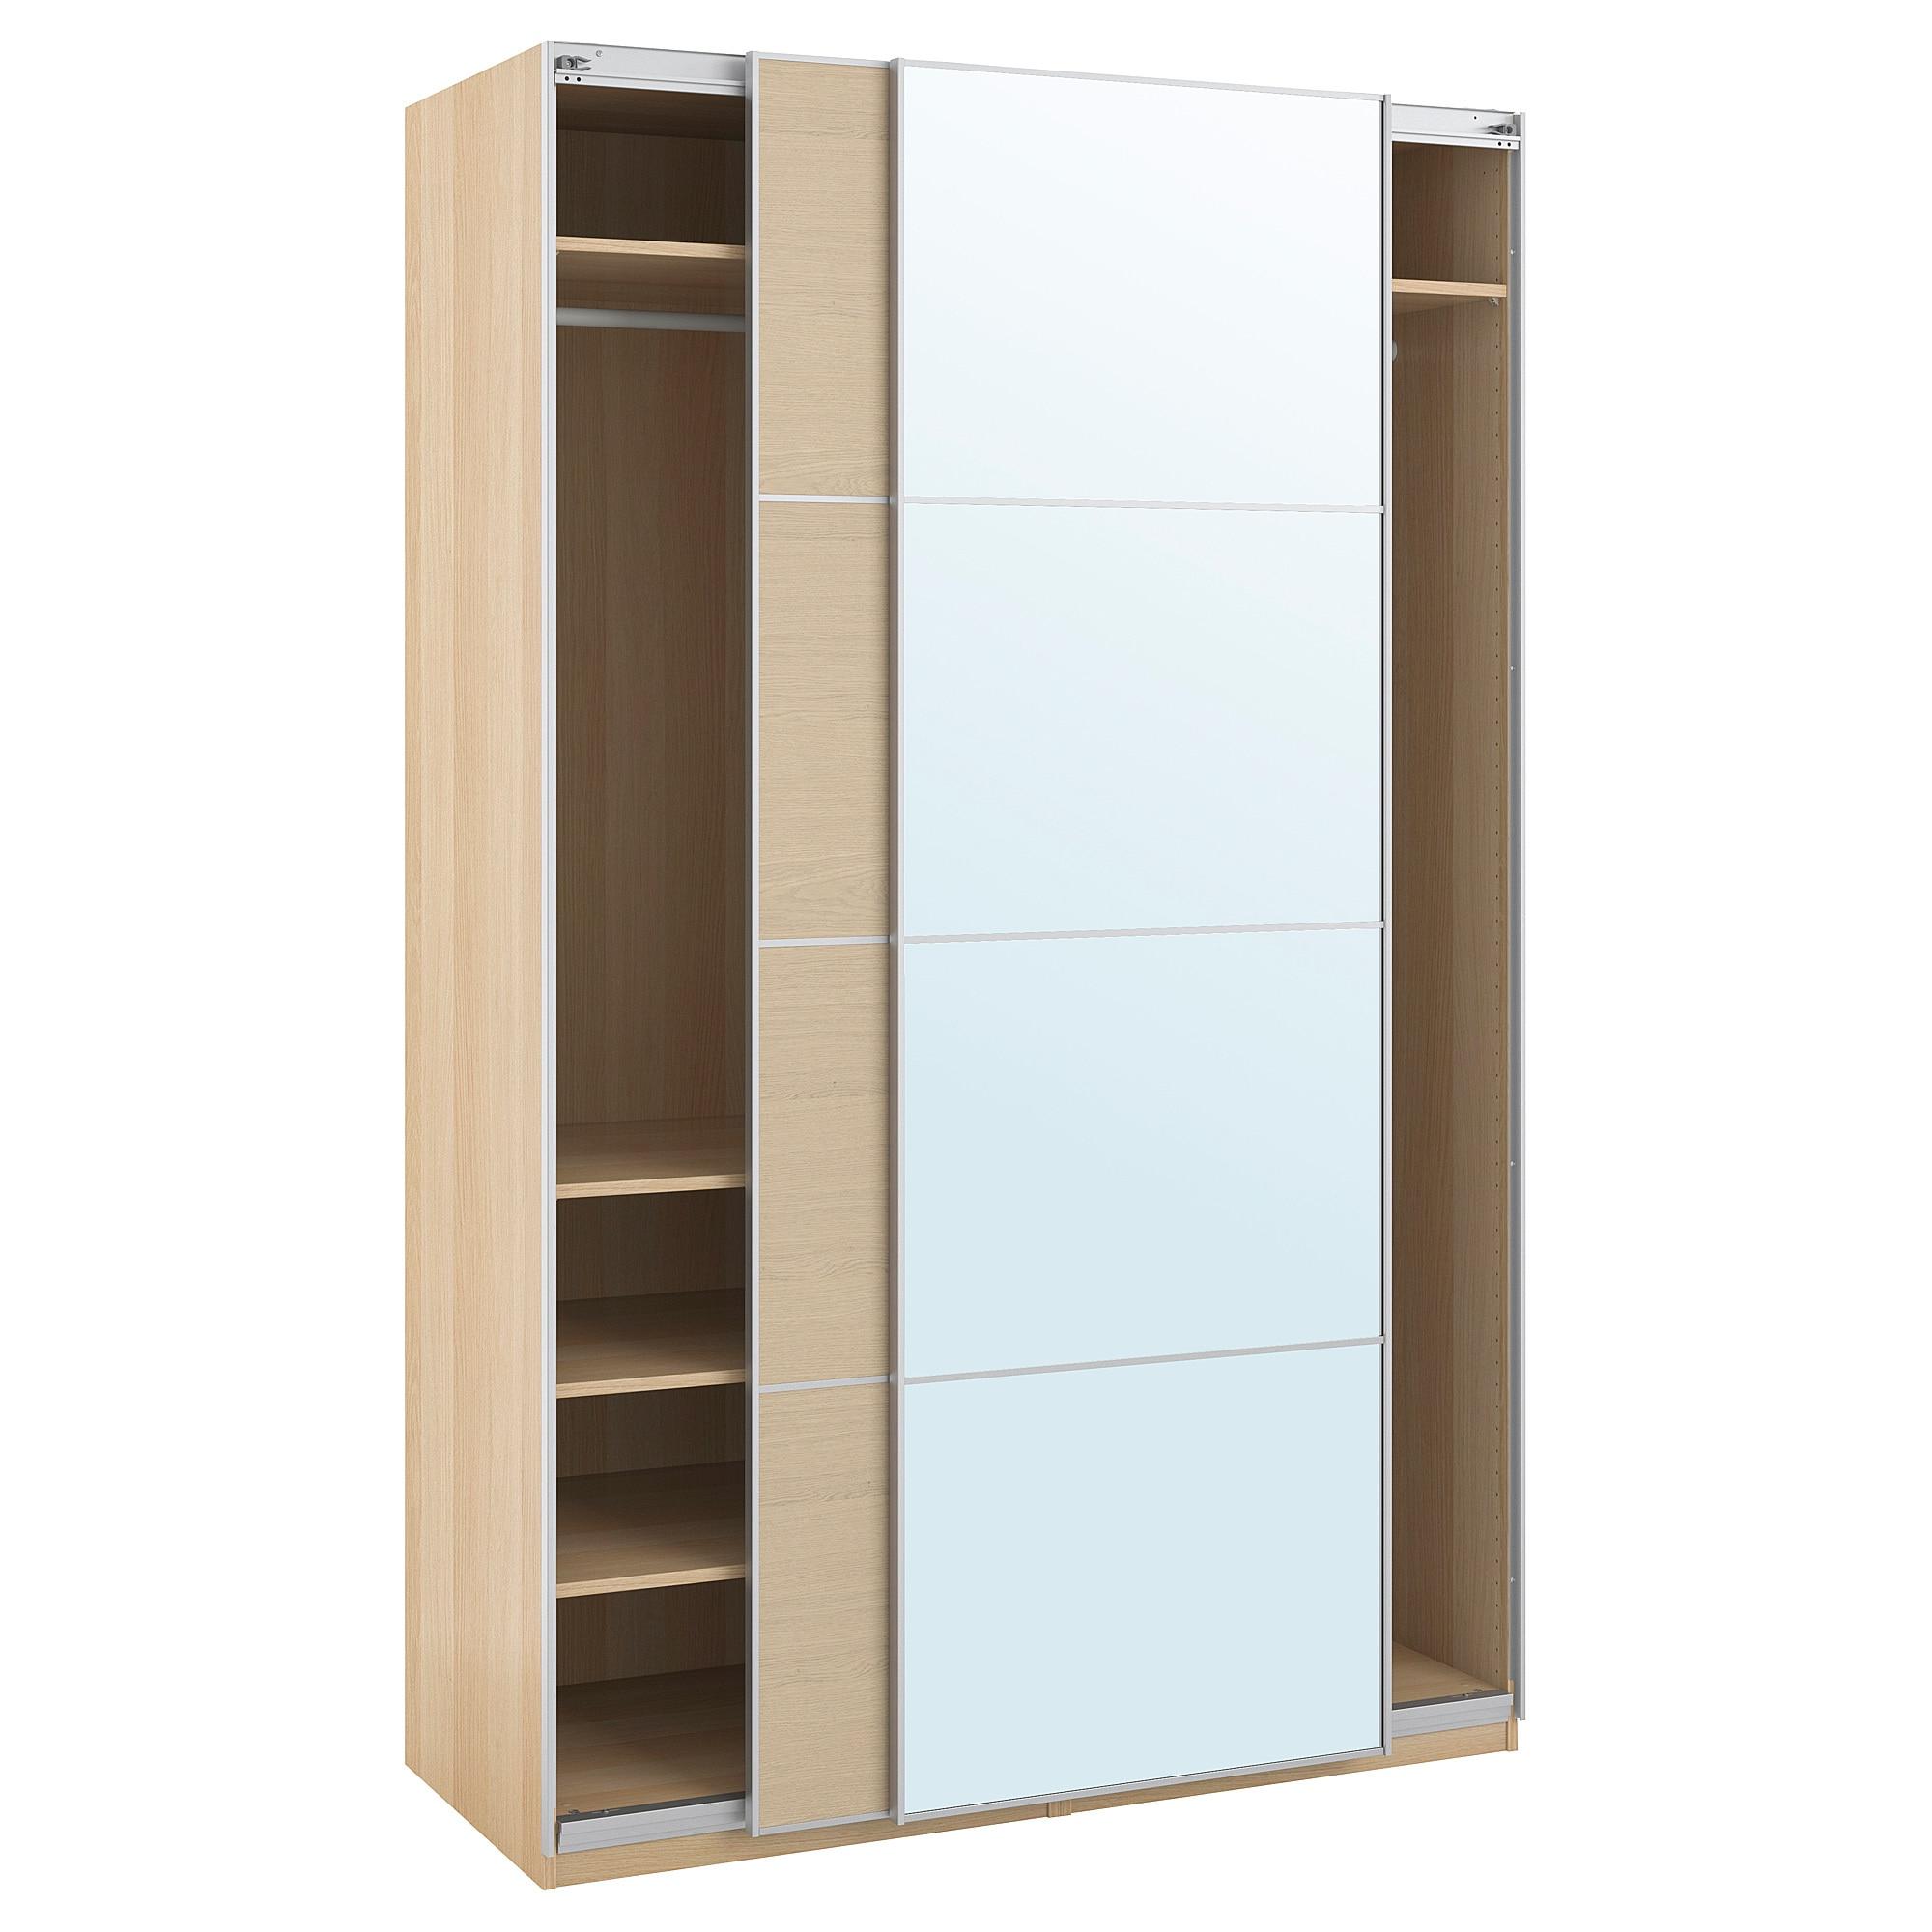 Armarios A Medida Precios Tldn Armarios Pax Con Puertas Pra Online Ikea